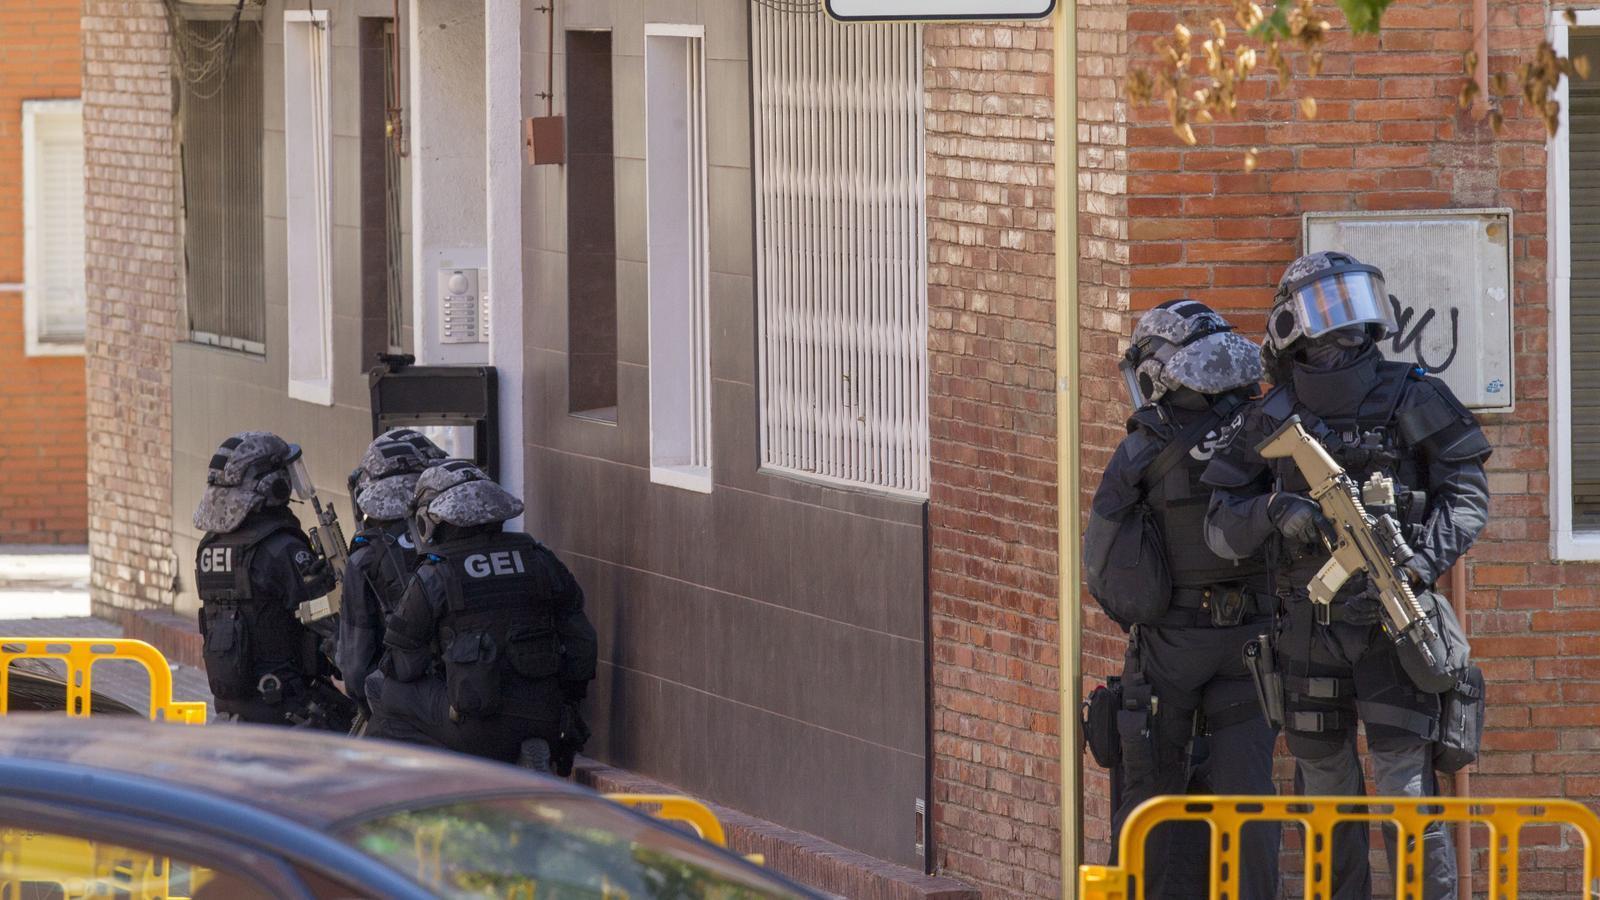 Agents de l'Àrea dels Grups Especials d'Intervenció (GEI) dels Mossos d'Esquadra a punt d'entrar al domicili de l'home abatut a la comissaria de Cornellà